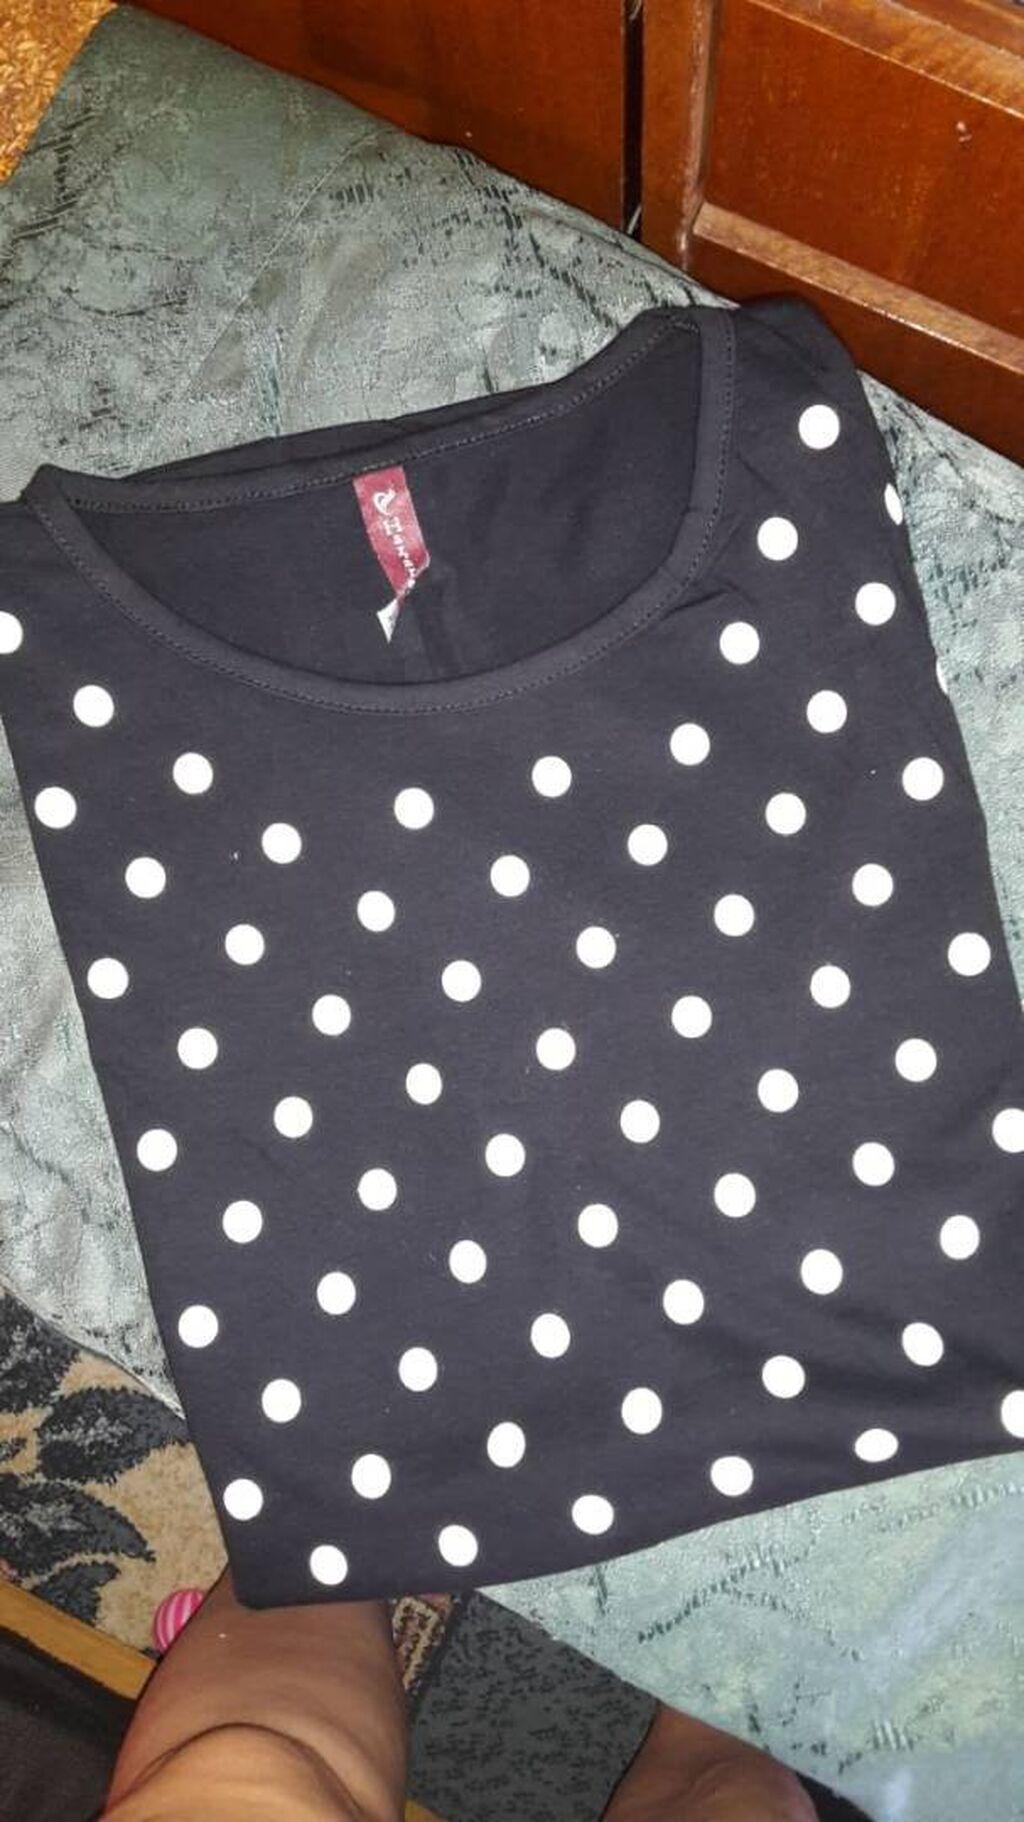 Zenske majice kratkih rukava za punije moze i za trudnice do 3xl cena: Zenske majice kratkih rukava za punije moze i za trudnice do 3xl cena